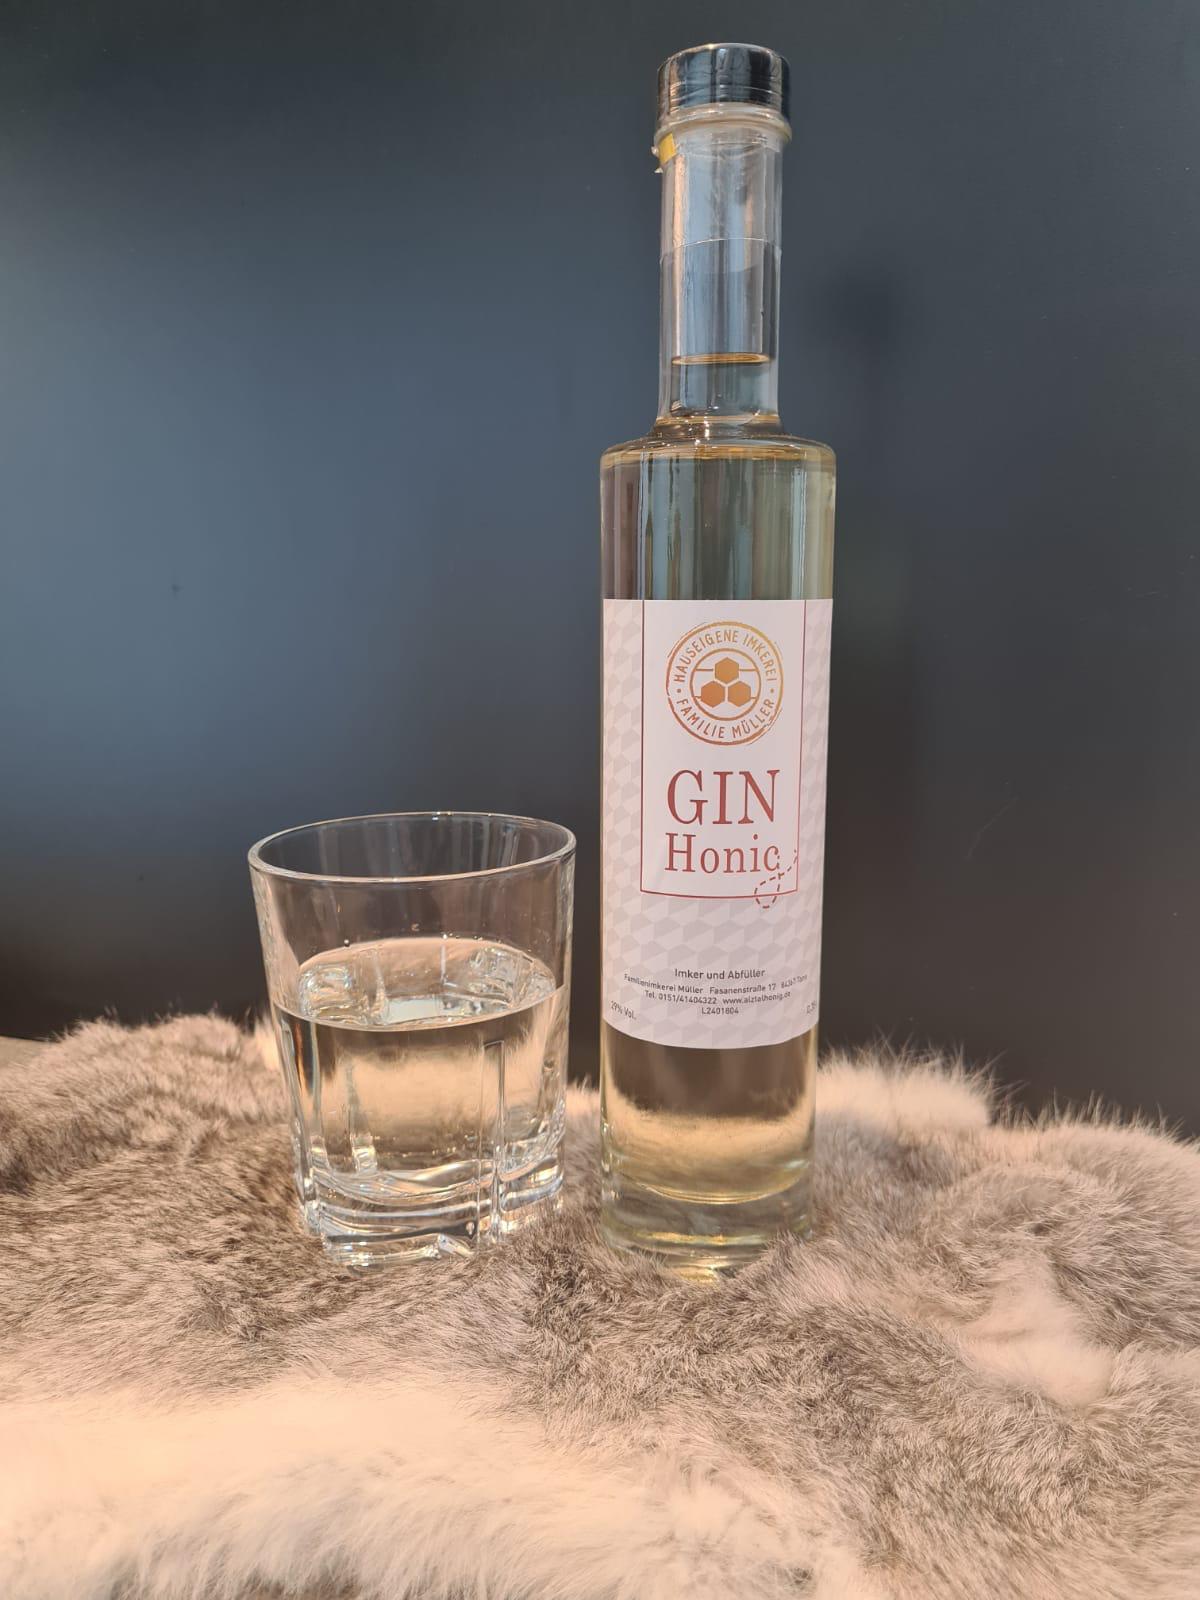 Honiglikör Gin